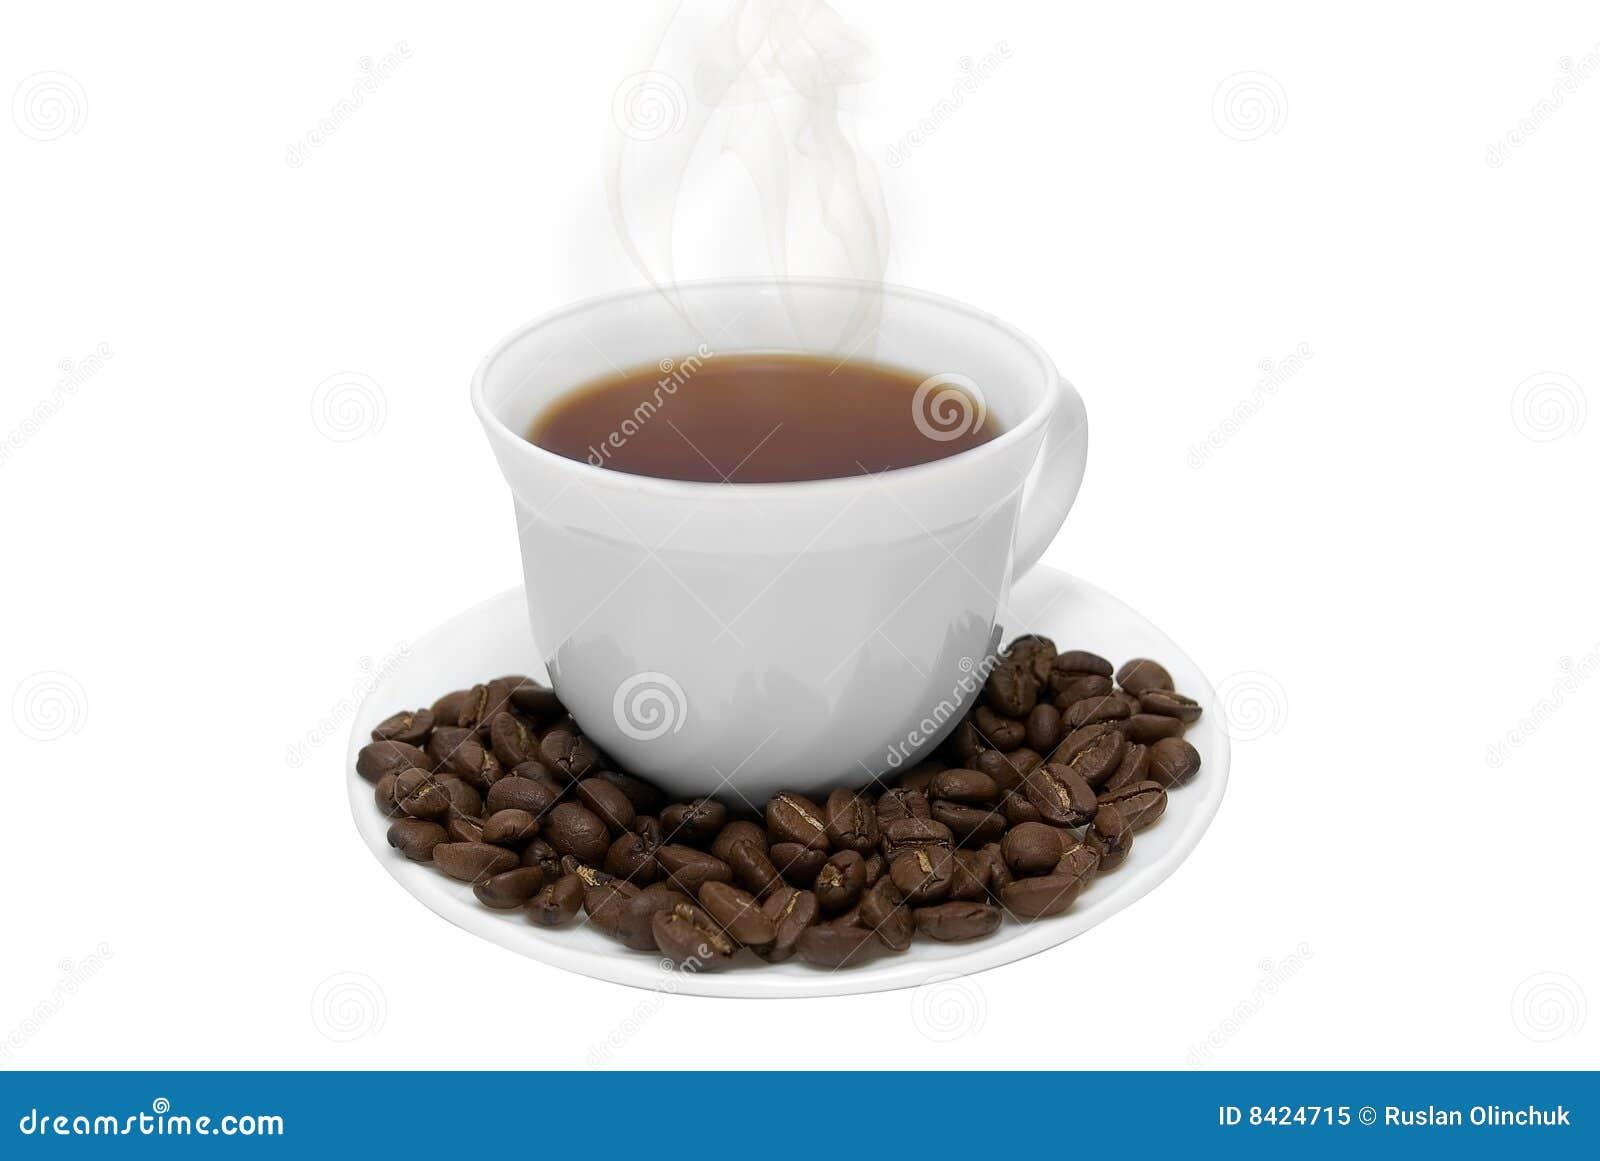 Taza perfecta del caf con leche foto de archivo libre de for Taza de cafe con leche